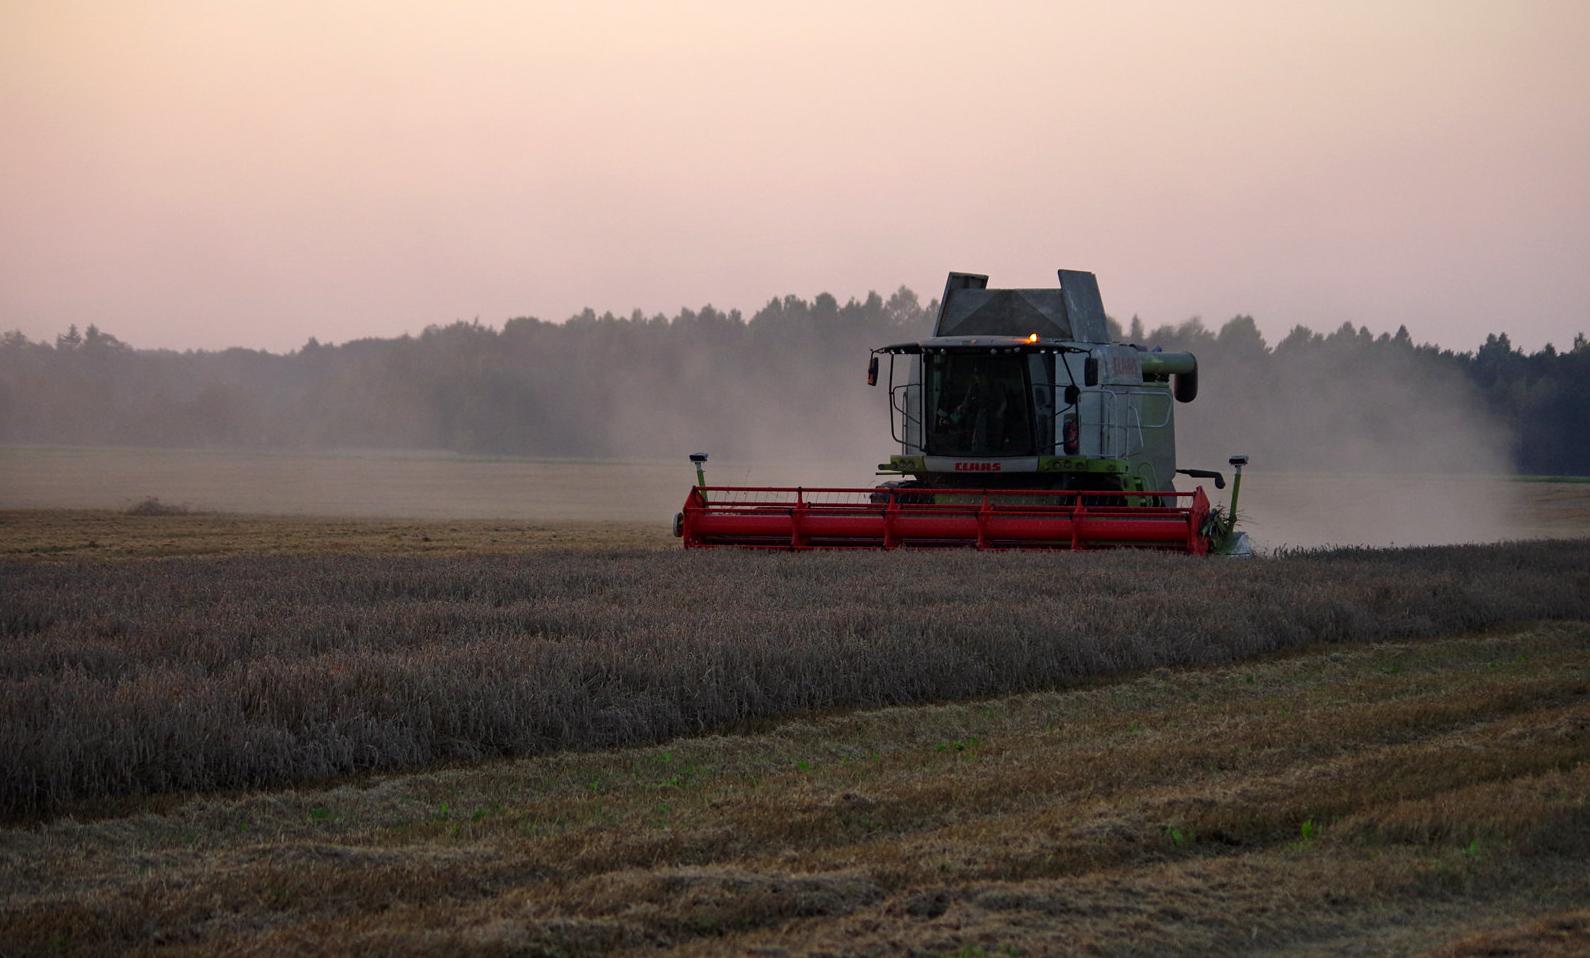 Europos Komisija žada padėti nuo koronaviruso krizės nukentėjusiems ūkininkams